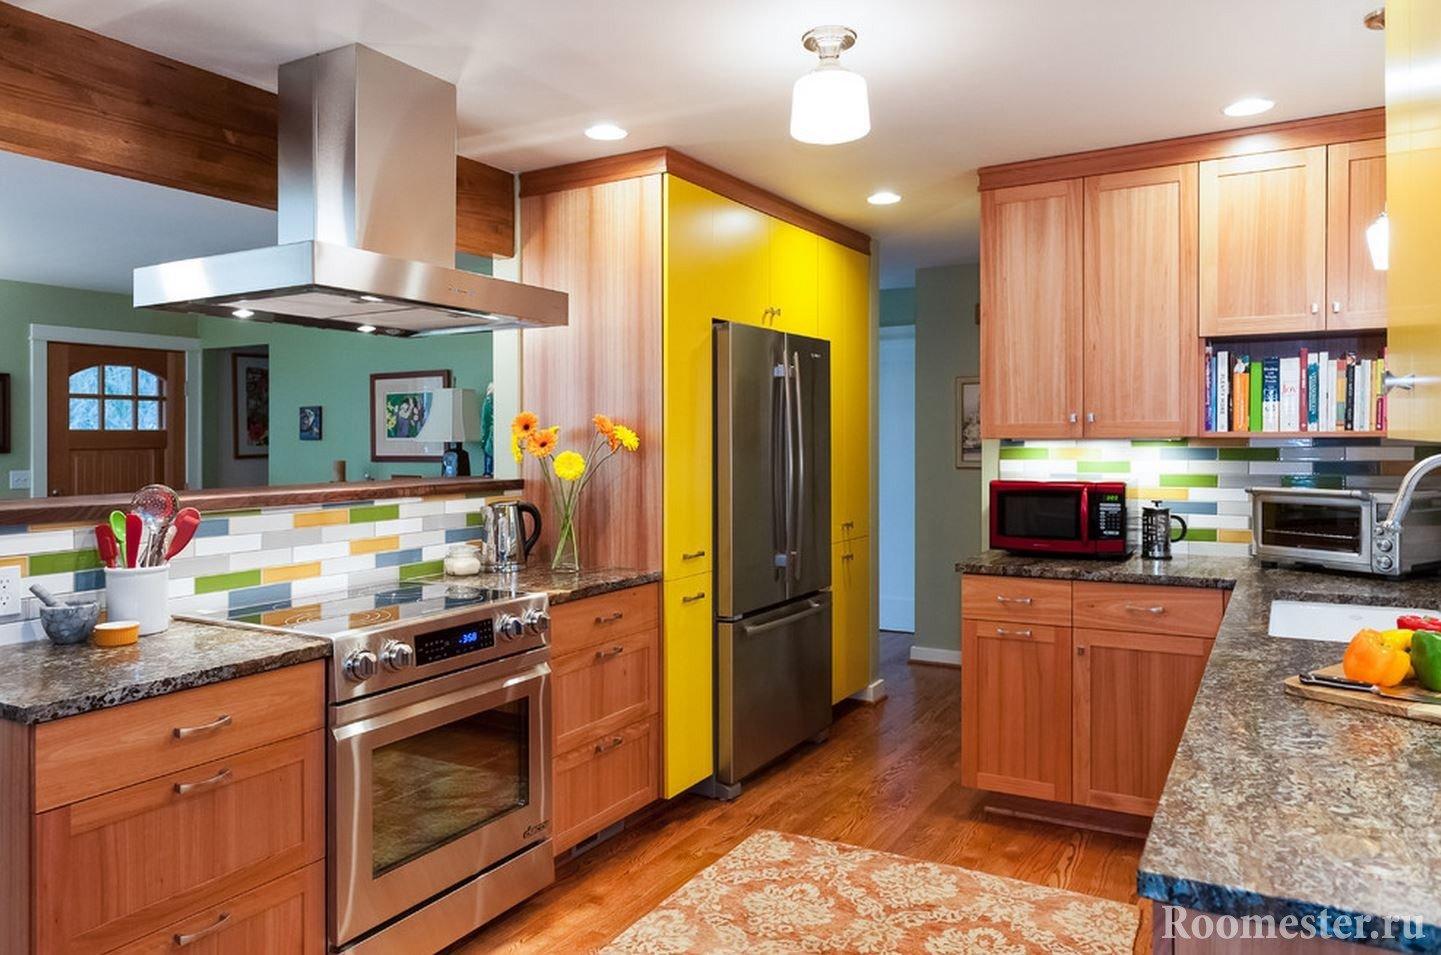 Встраиваем холодильник в кухонную мебель